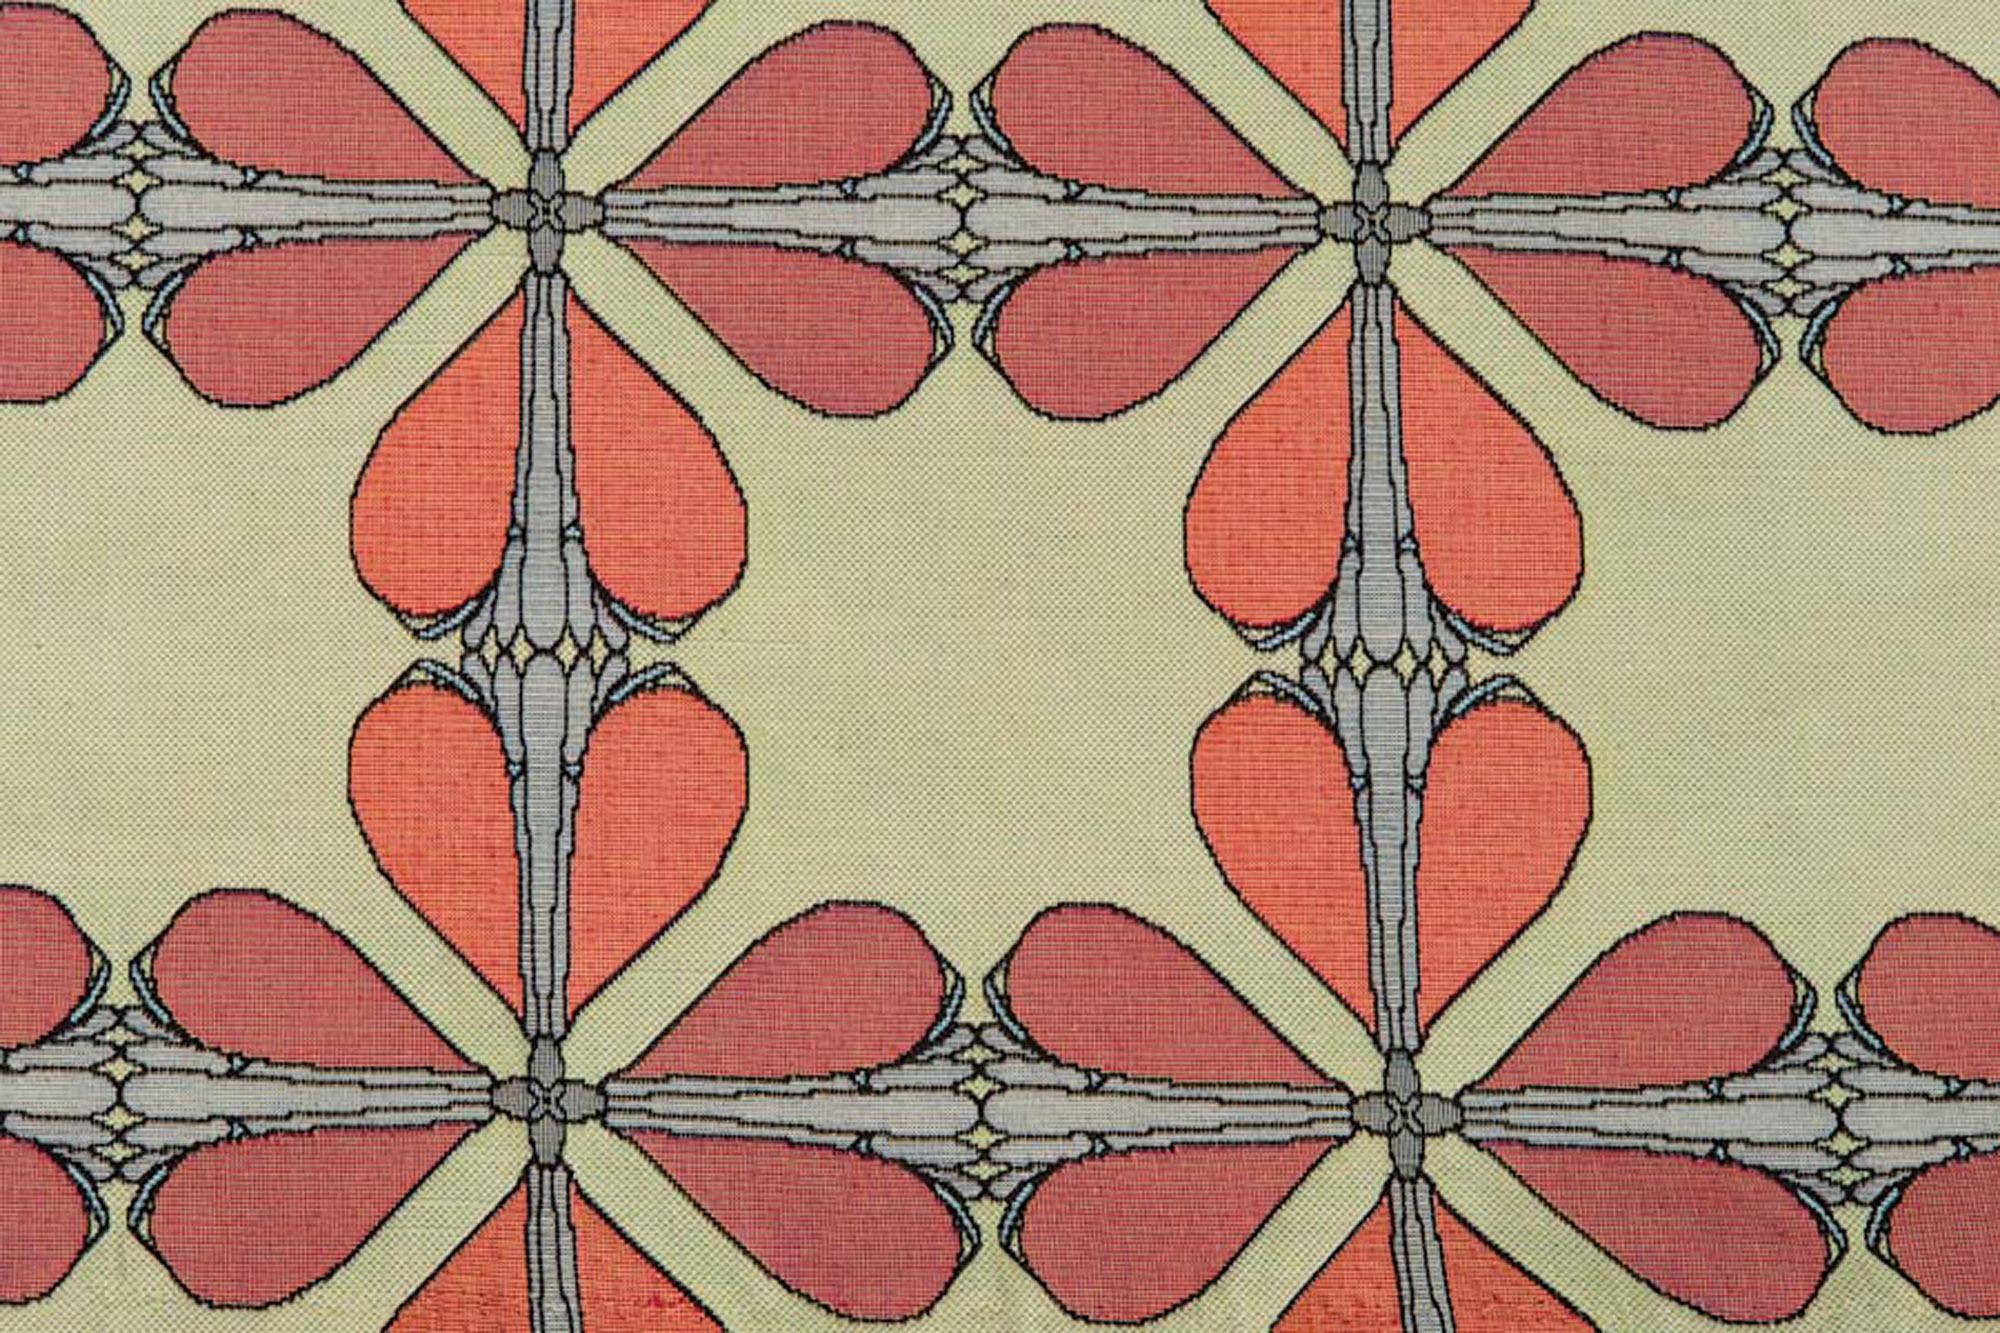 Rennie & Rose fabric.